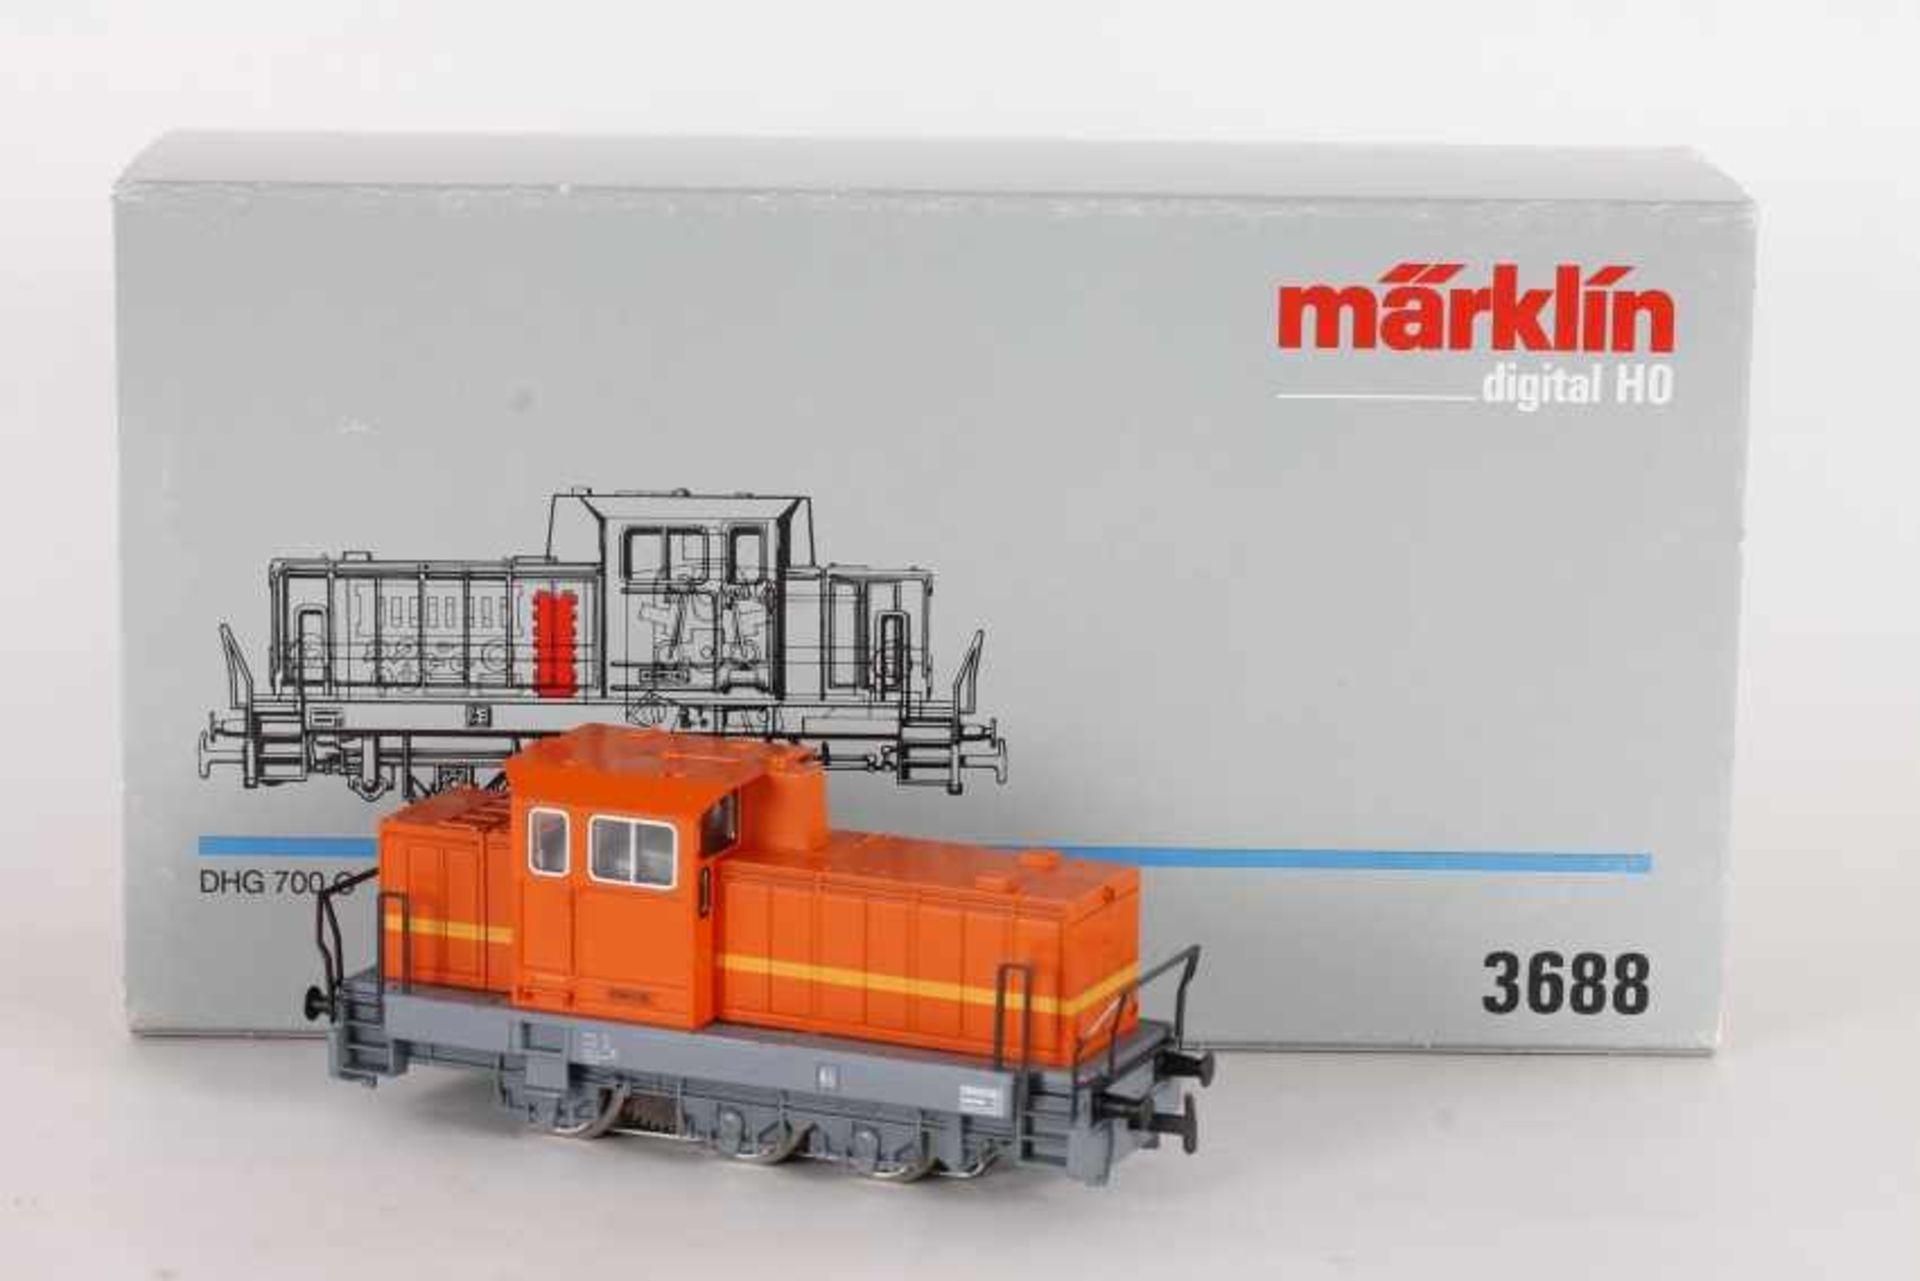 Los 1027 - Märklin 3688, Henschel Diesellok DHG 700 CMärklin 3688, Henschel Diesellok DHG 700 C, Digital-